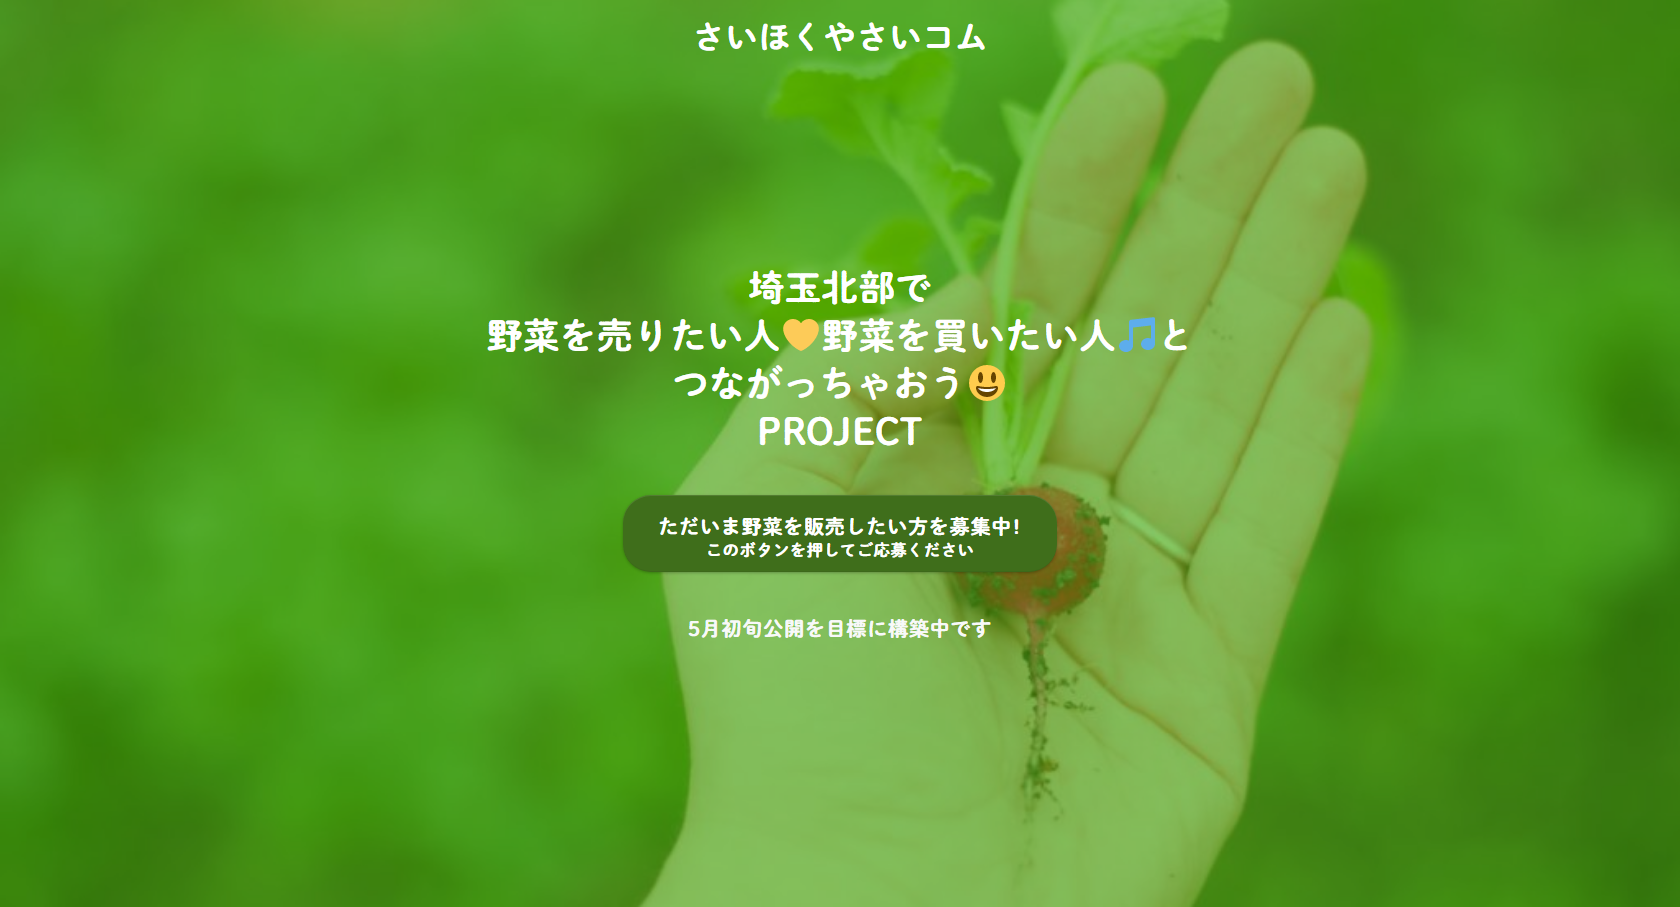 【生産者さん募集中】埼玉北部で野菜を売りたい人 野菜を買いたい人 とつながっちゃおう♪